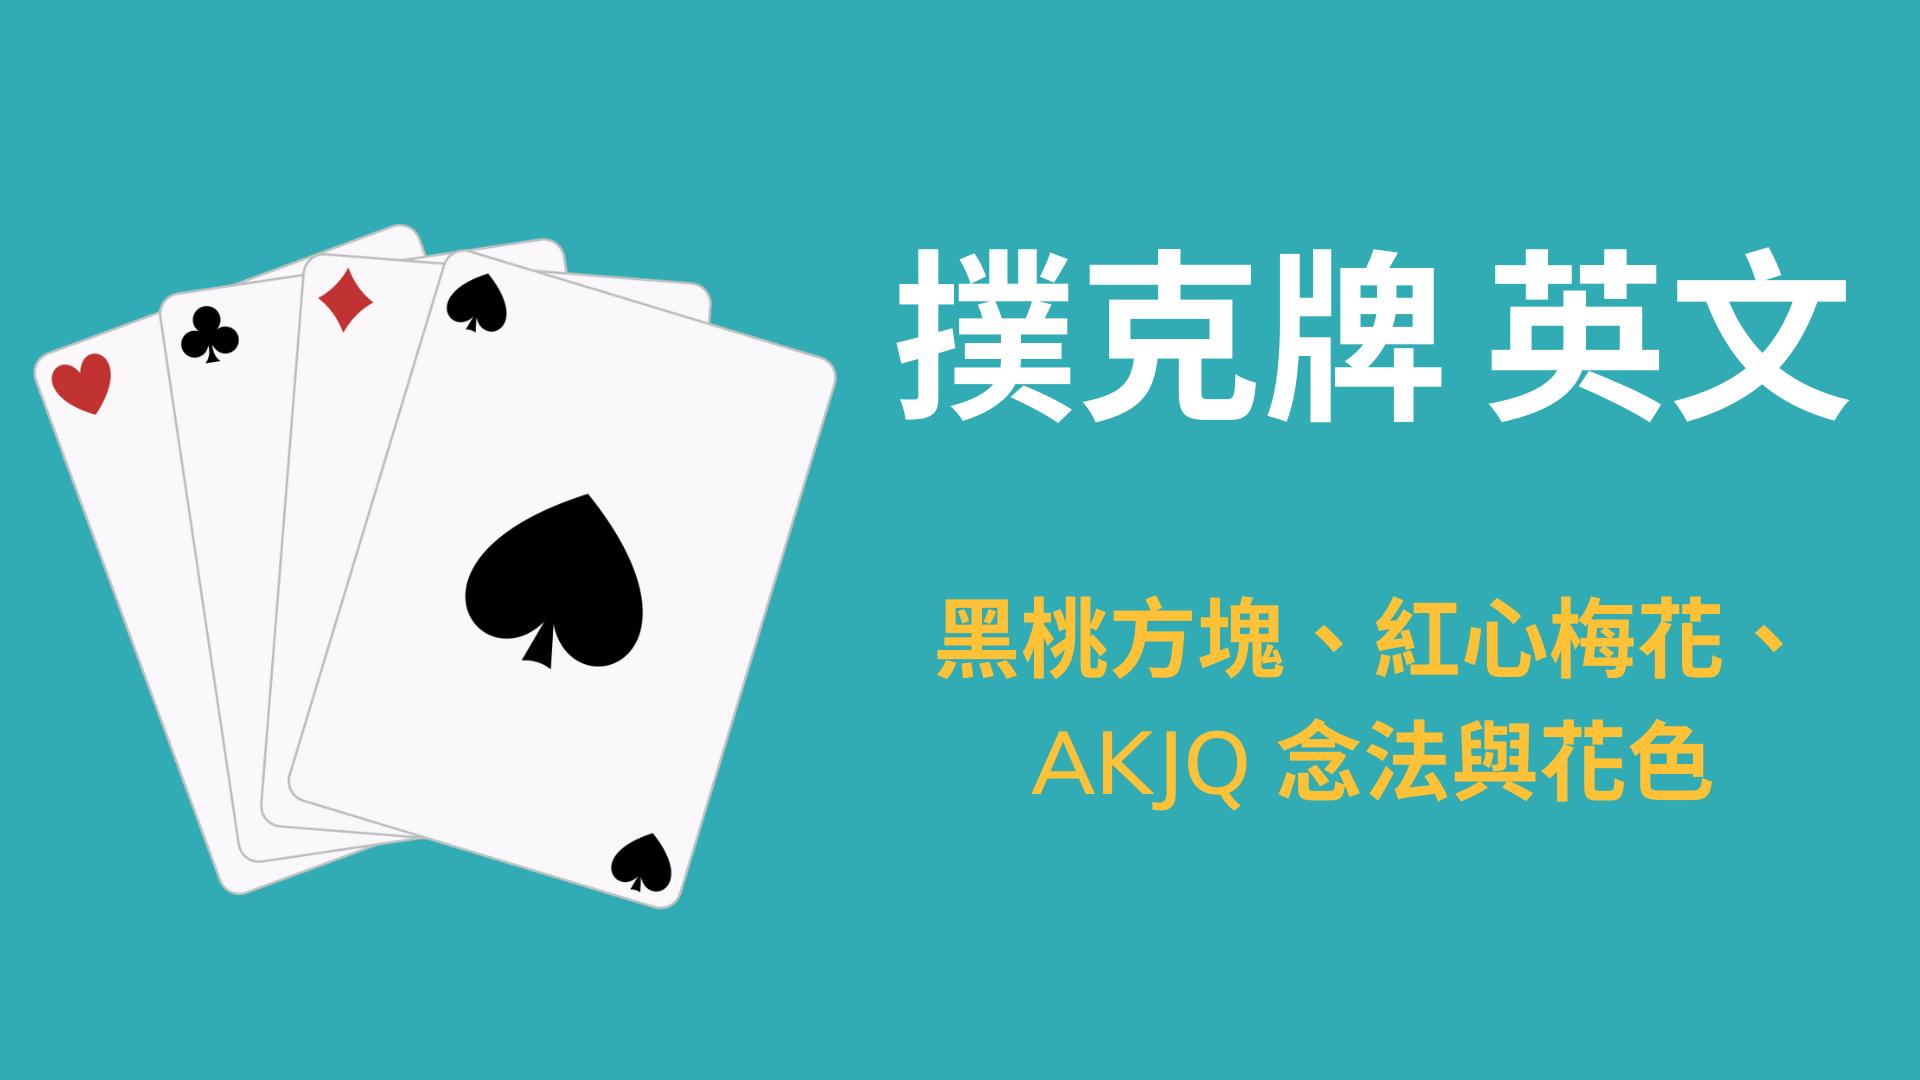 撲克牌英文:黑桃方塊、紅心梅花、AKJQ 與花色英文念法!教學